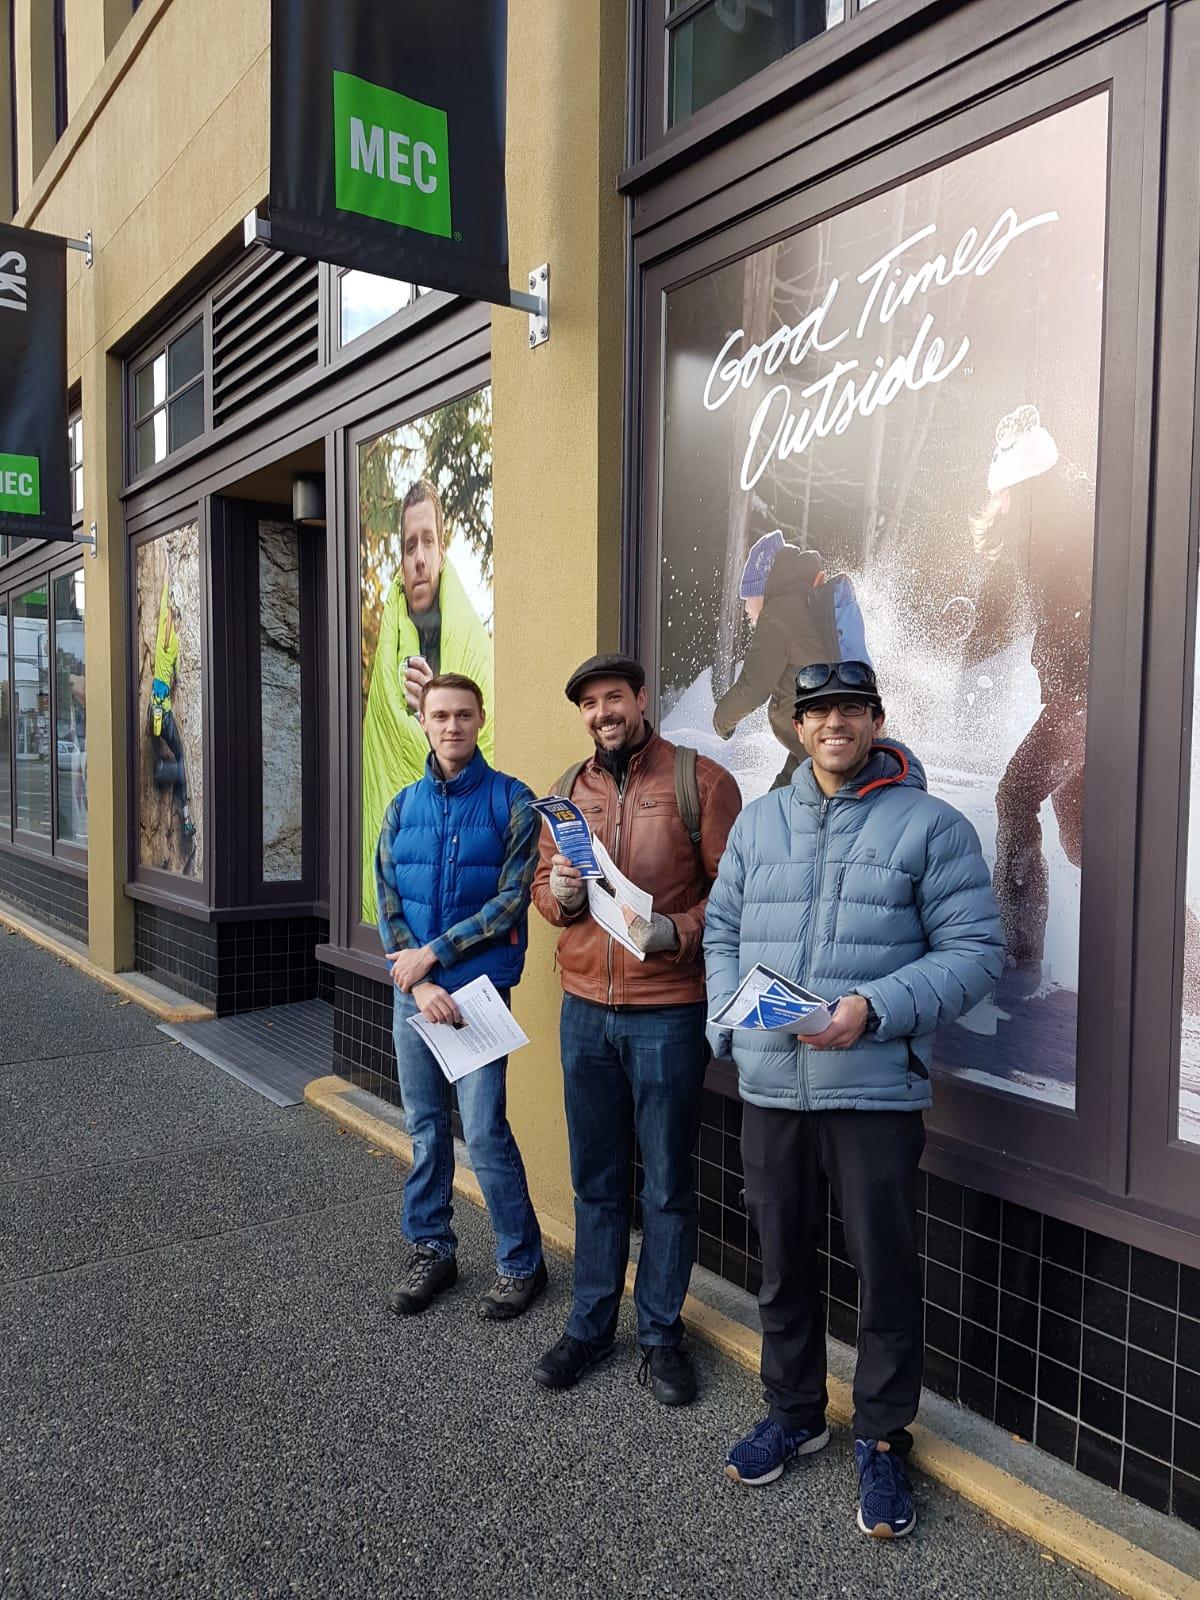 Union seeking to represent MEC staff files unfair labour practice complaint against retailer